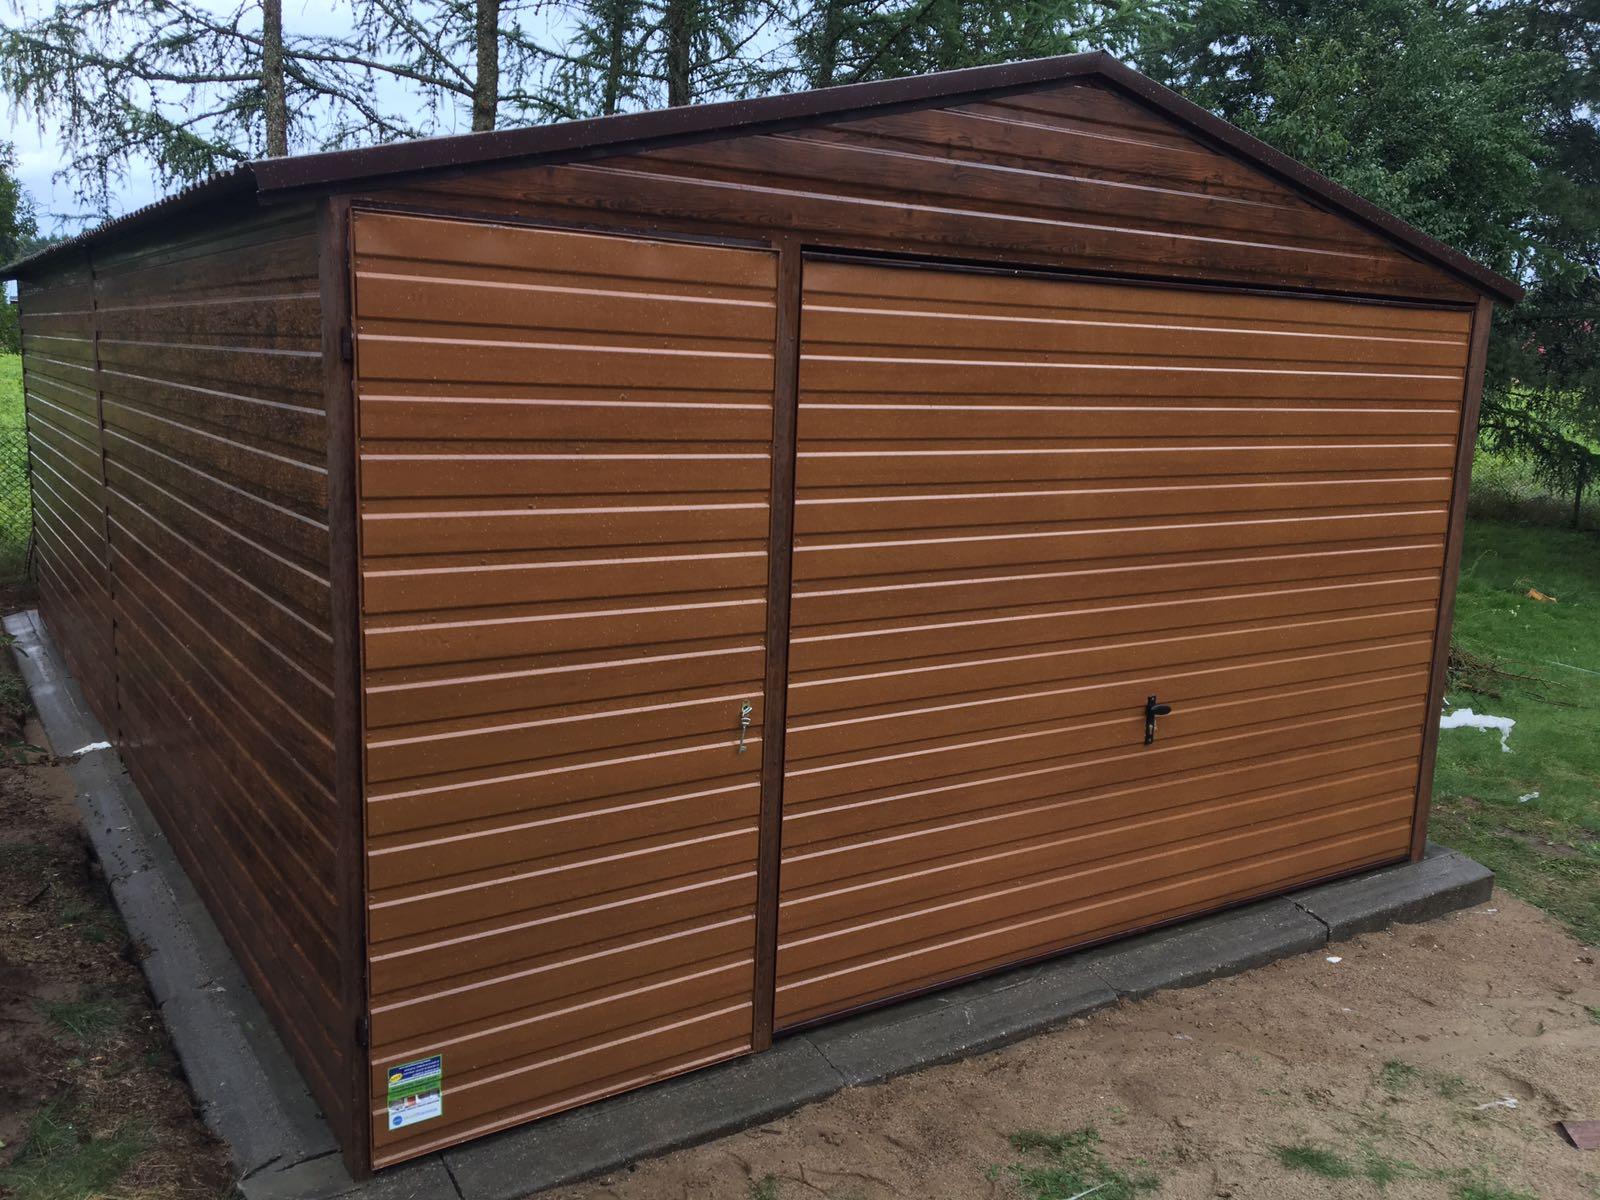 Garaż Blaszany Drewnopodobny 4x7 Złoty Dąb Orzech 7265853924